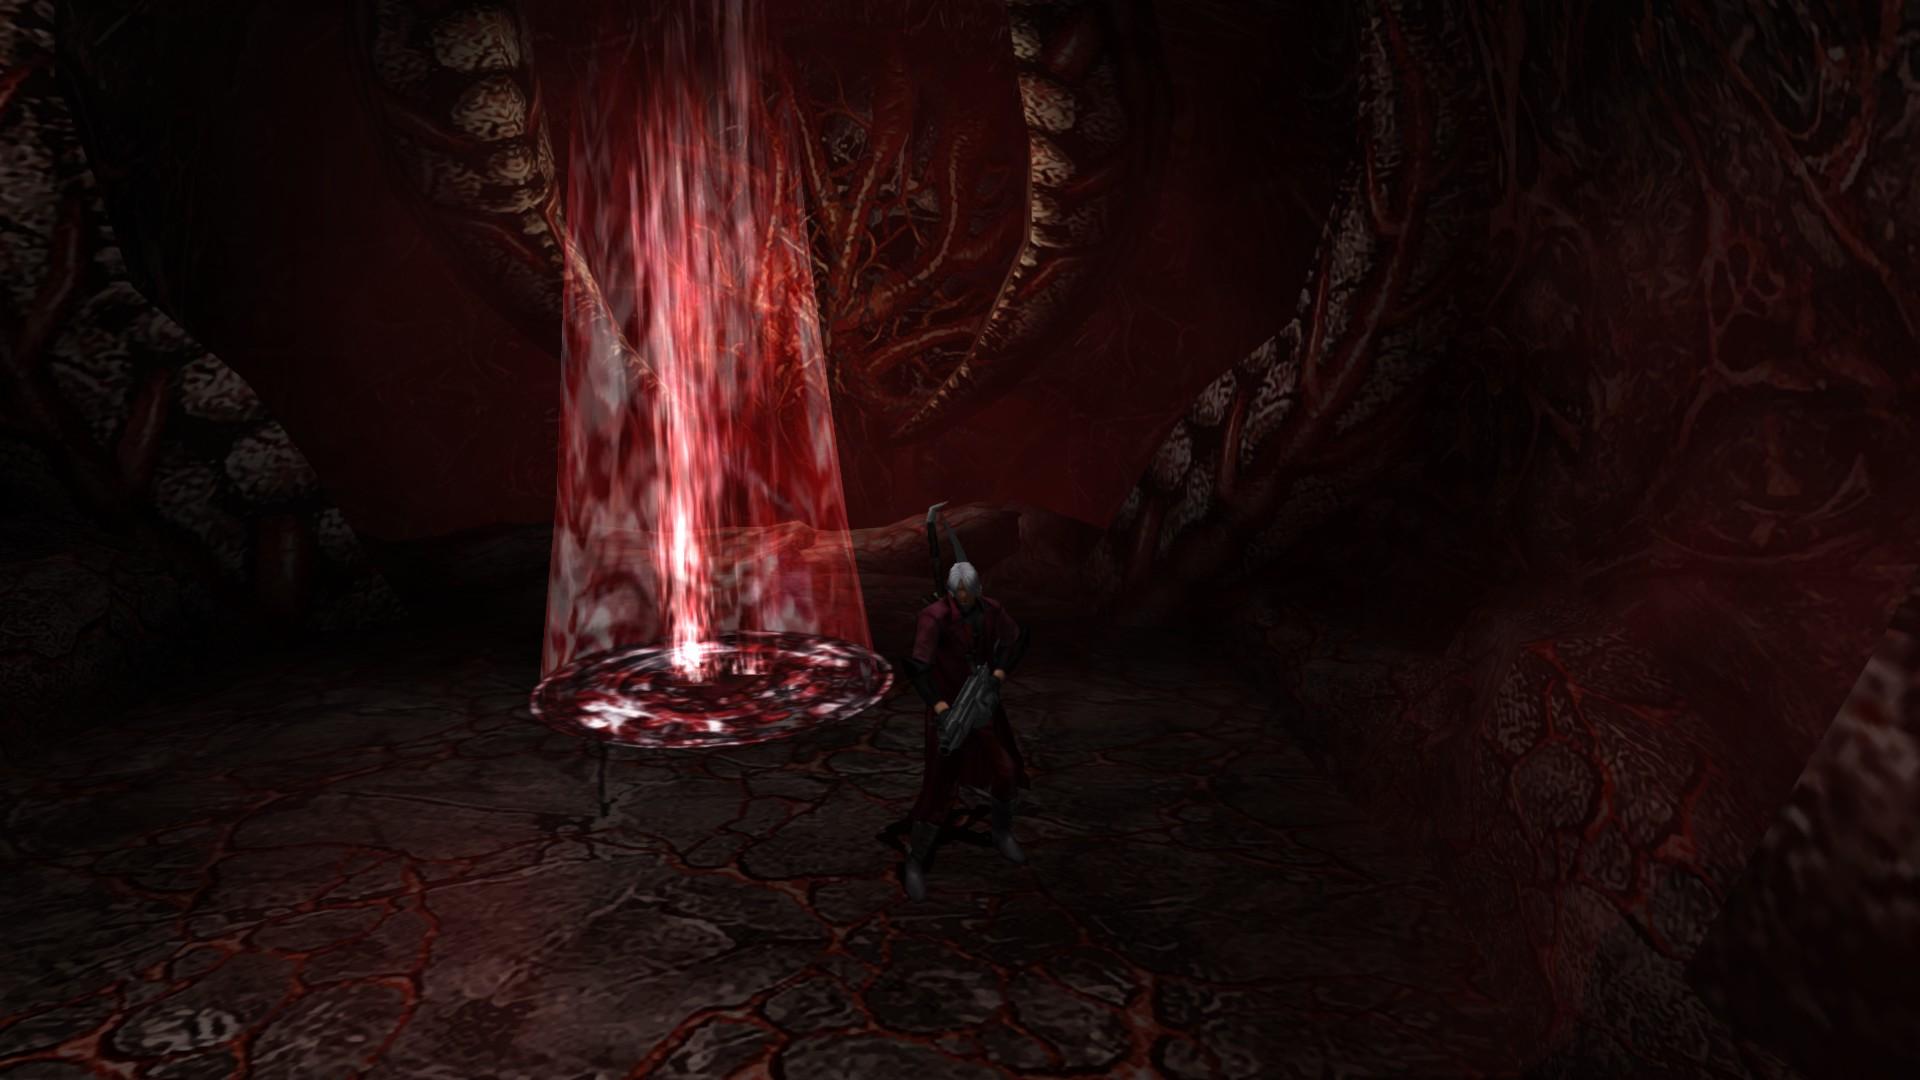 Пост-прохождение Devil May Cry Часть 7. - Изображение 38